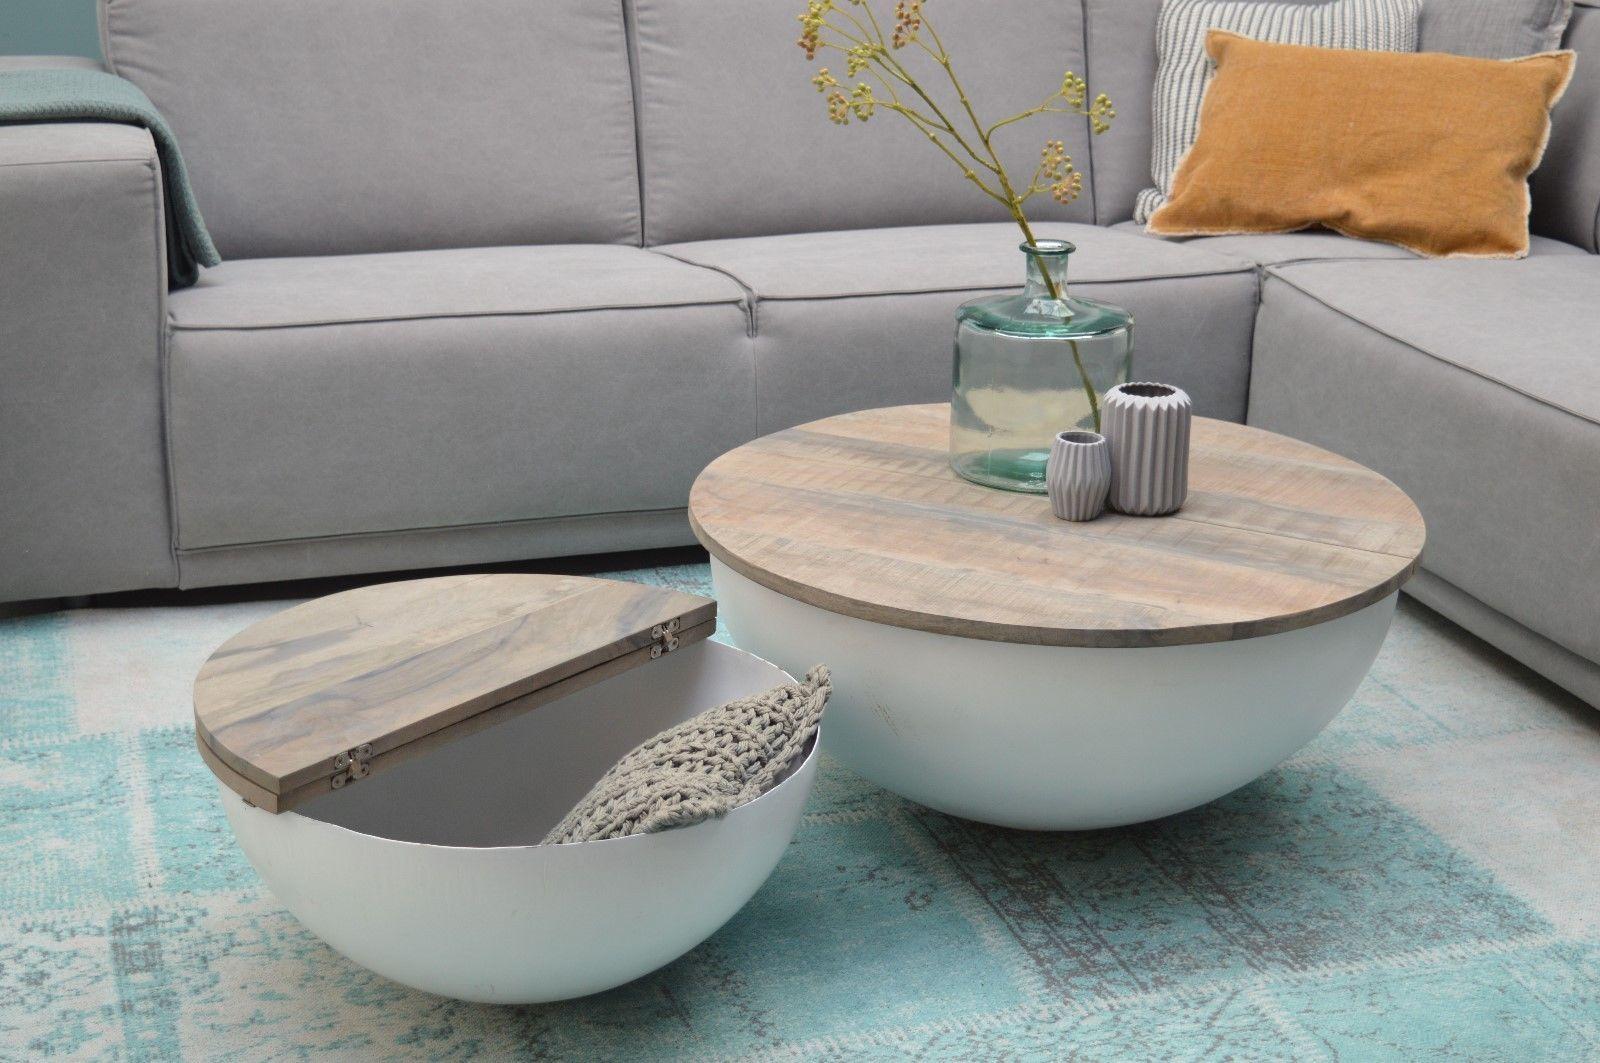 Design Couchtisch Mango Holz Sophie Metall Rund Beistelltisch